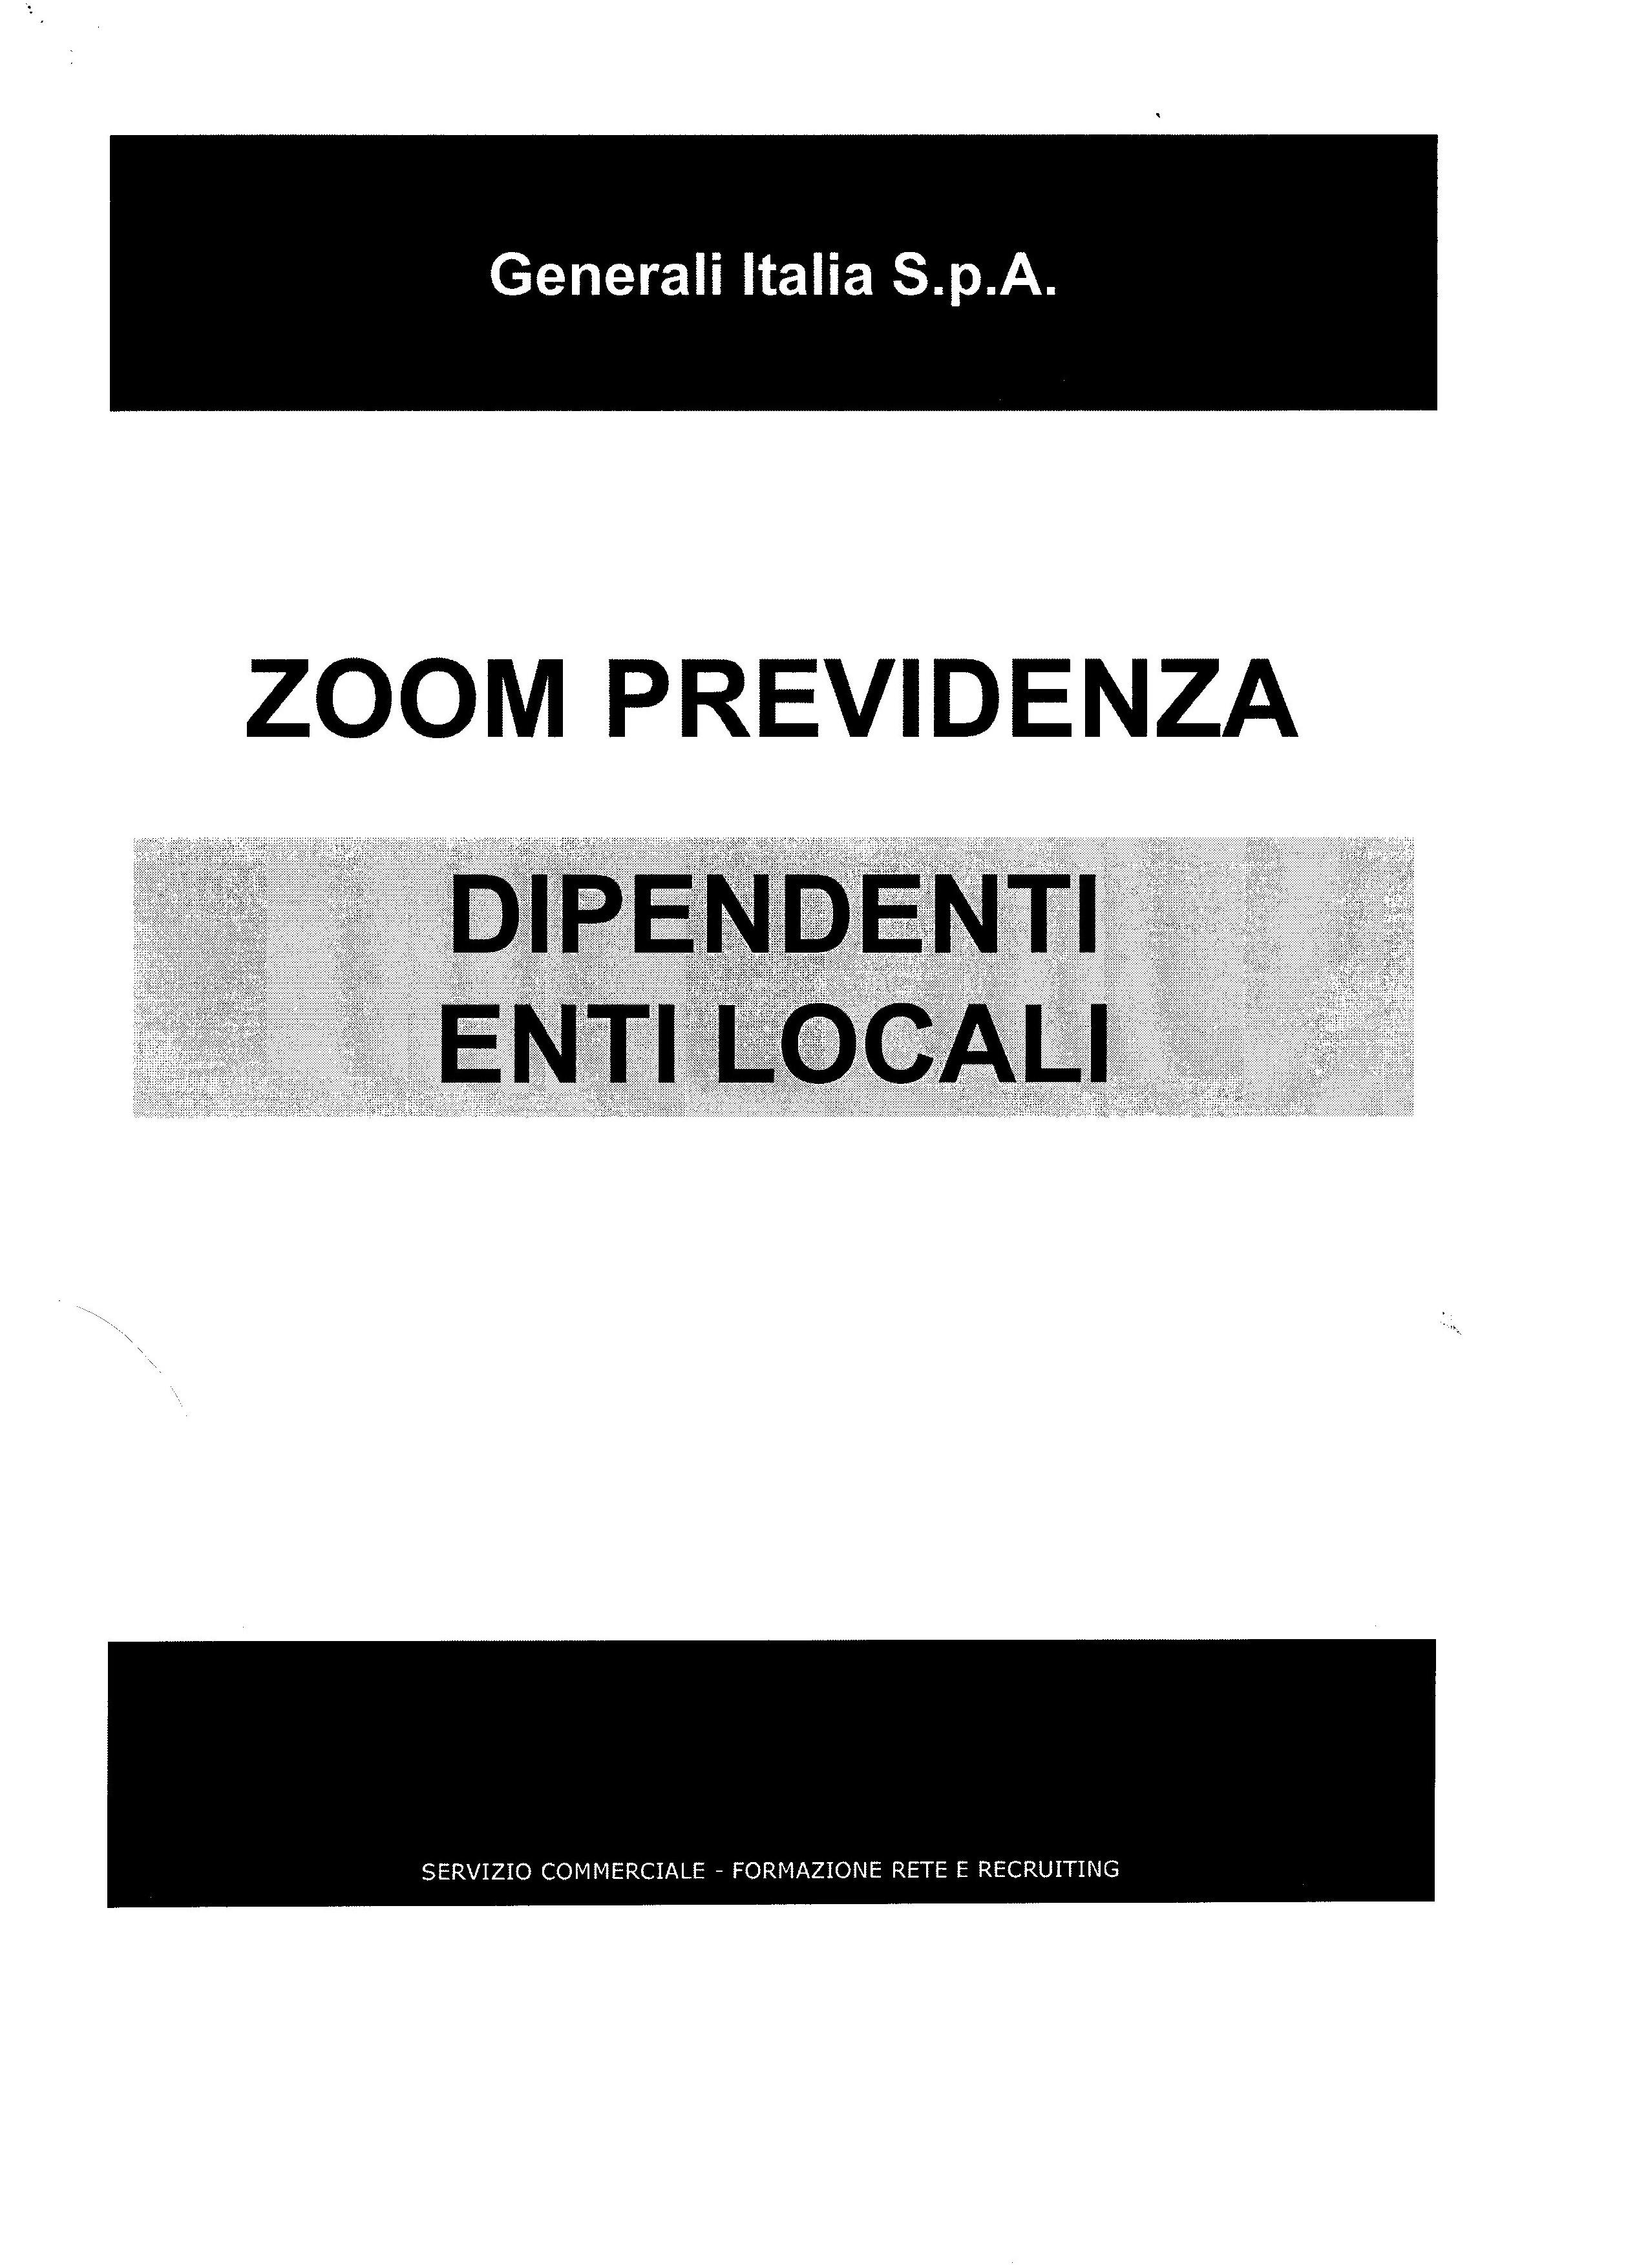 Proposta Generali - pag. 1